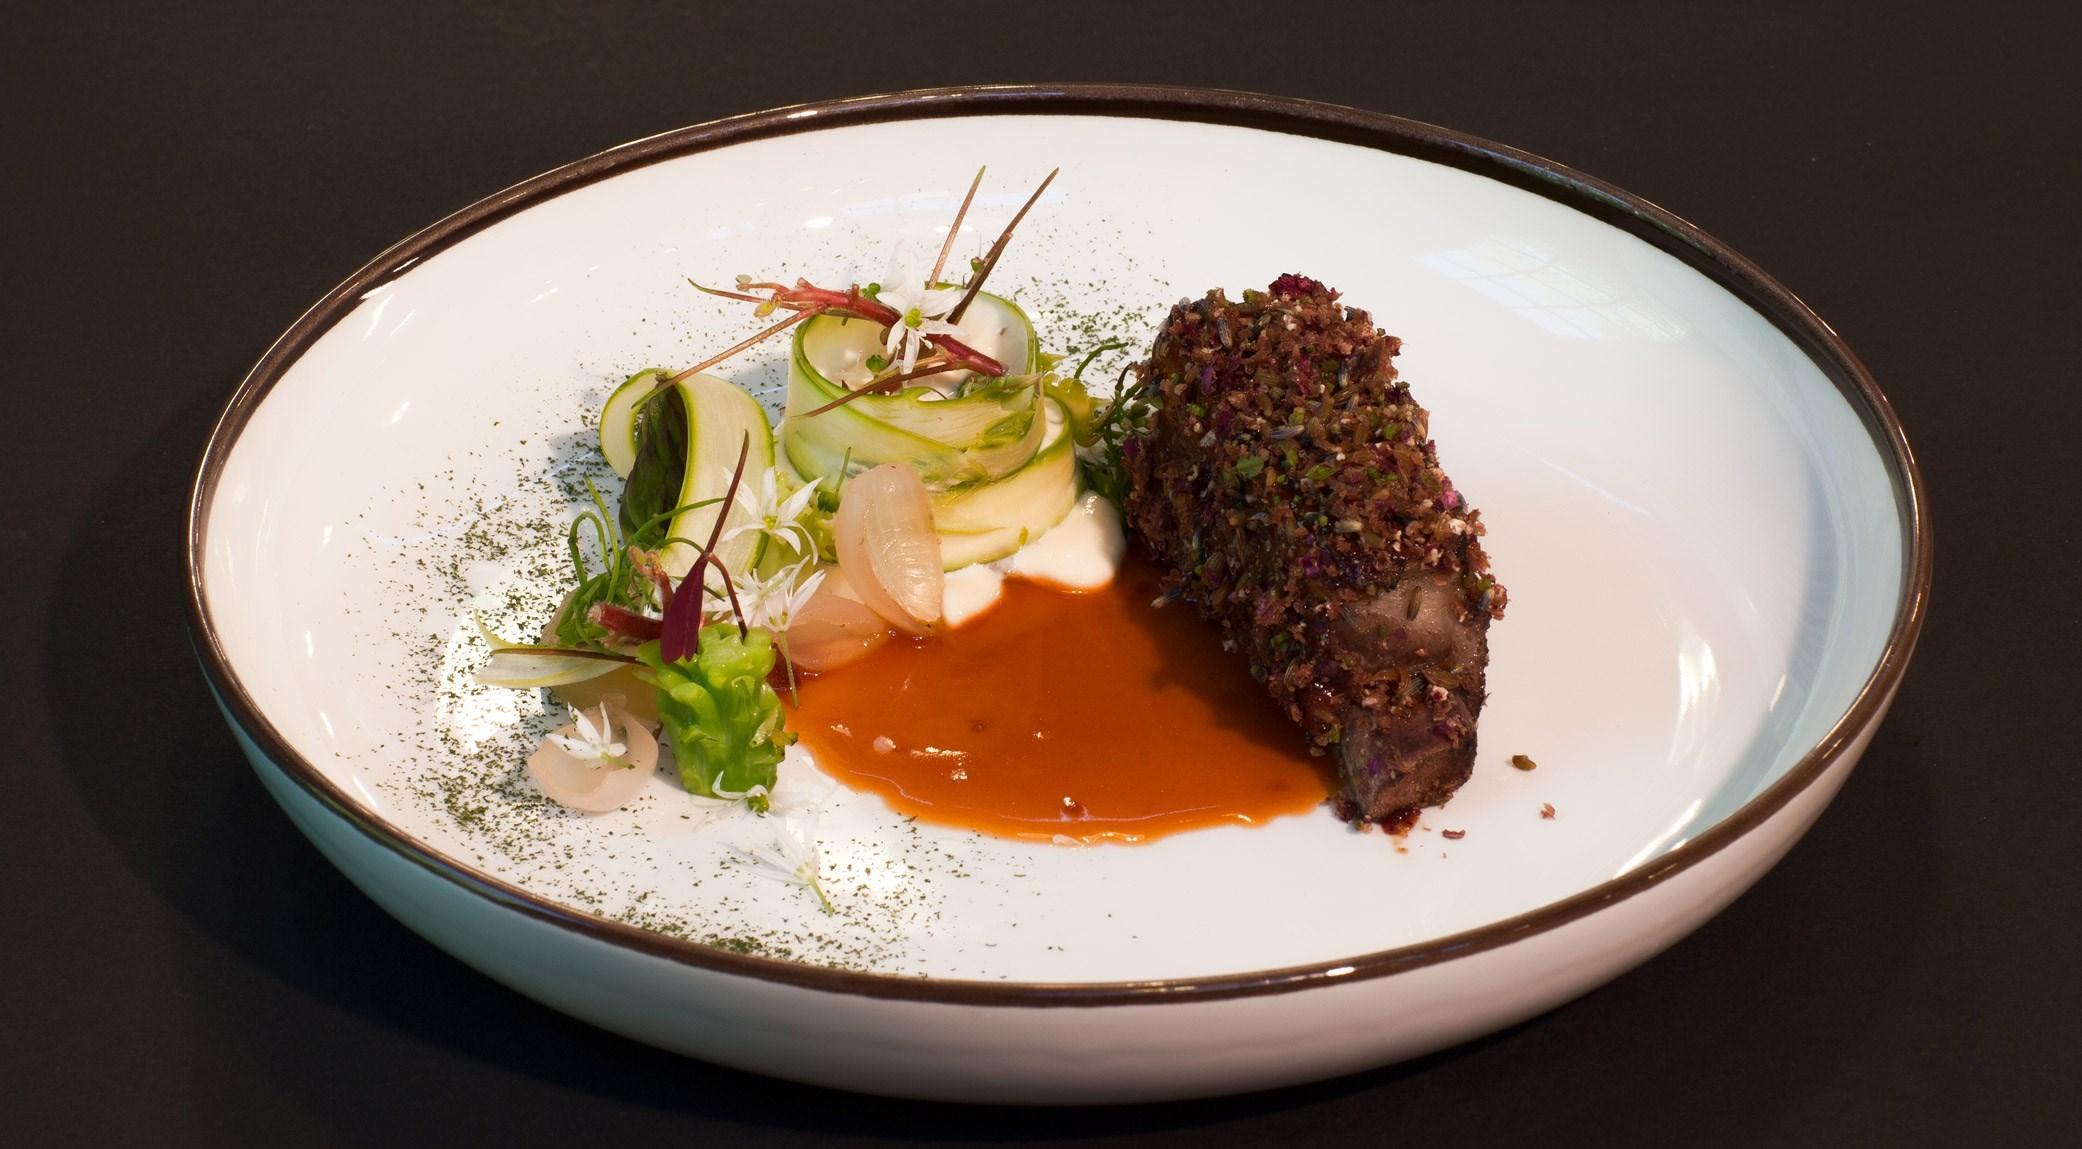 Nikolaj Schmidt Skadborg - Panse de porc au  barbecue, émulsion d'huître, poires salées et brocolis